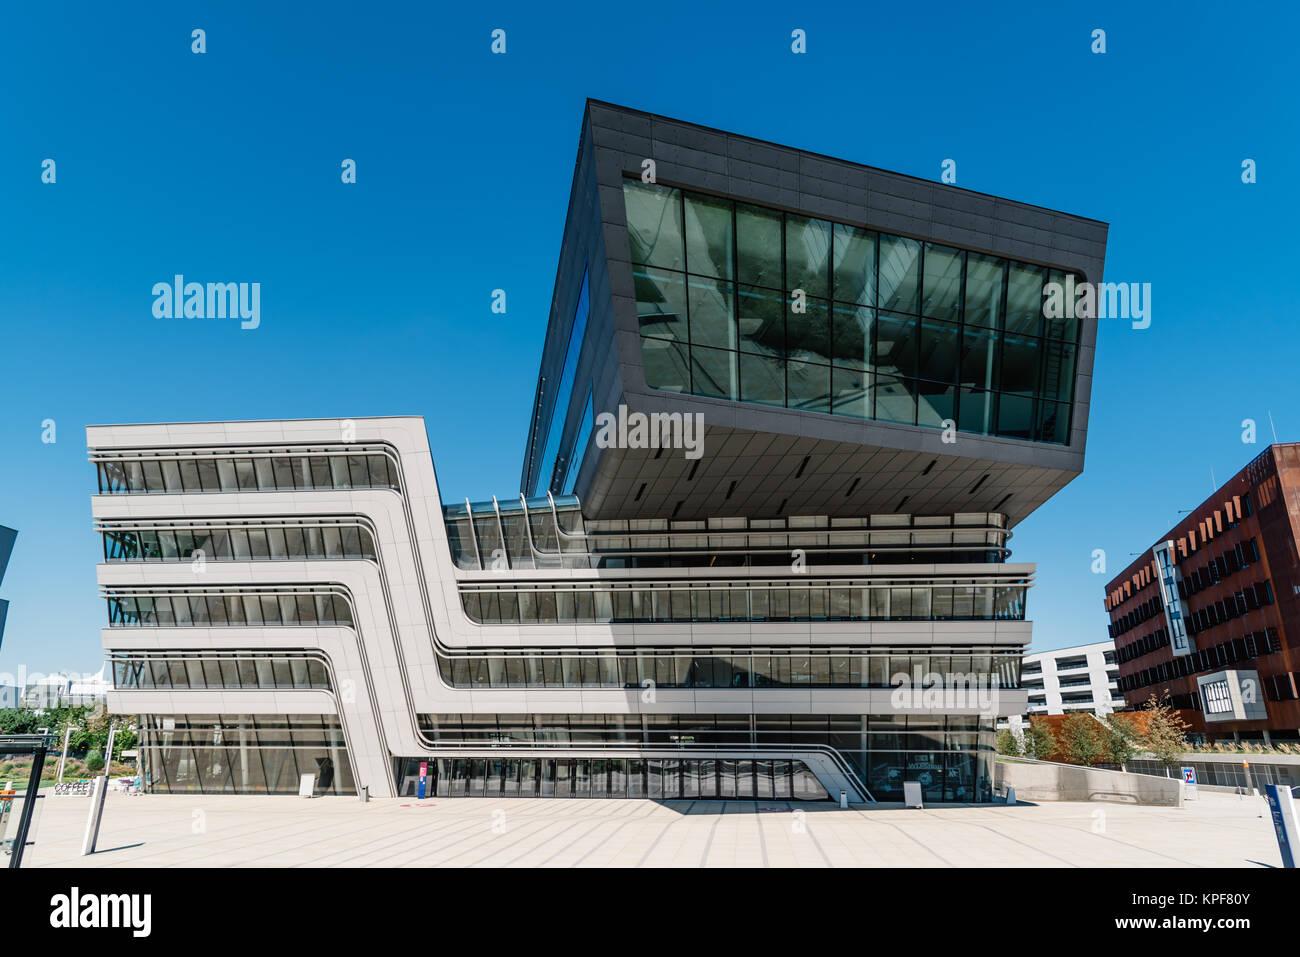 Moderne Architektur Gebaude An Der Universitat Wien Stockfoto Bild